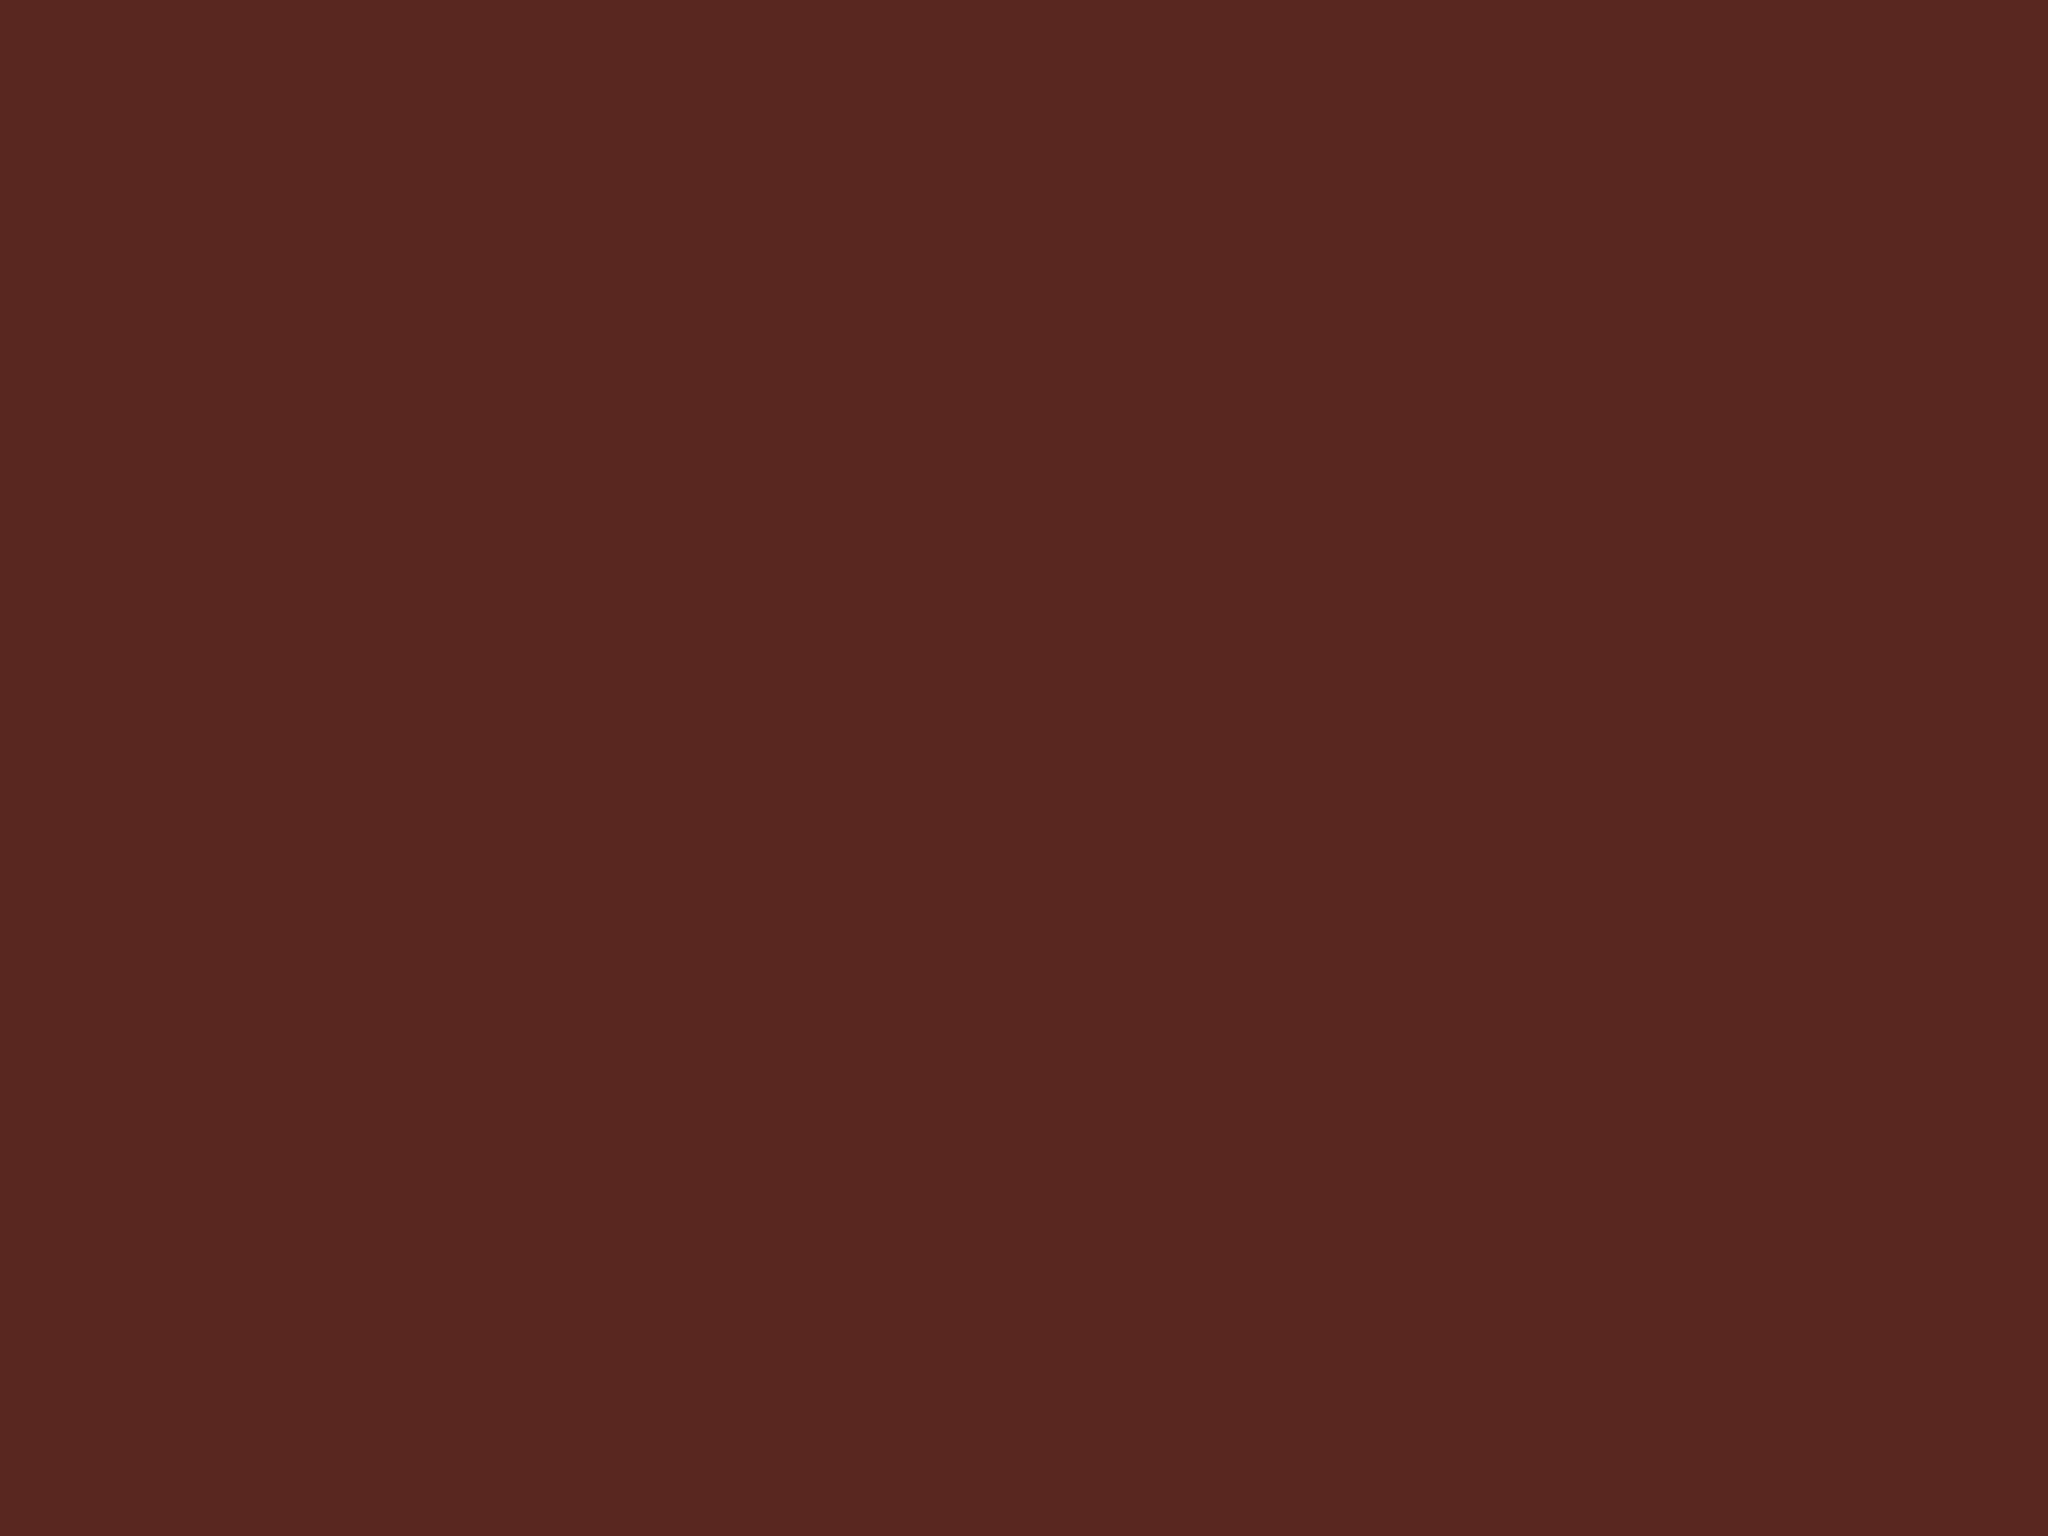 2048x1536 Caput Mortuum Solid Color Background